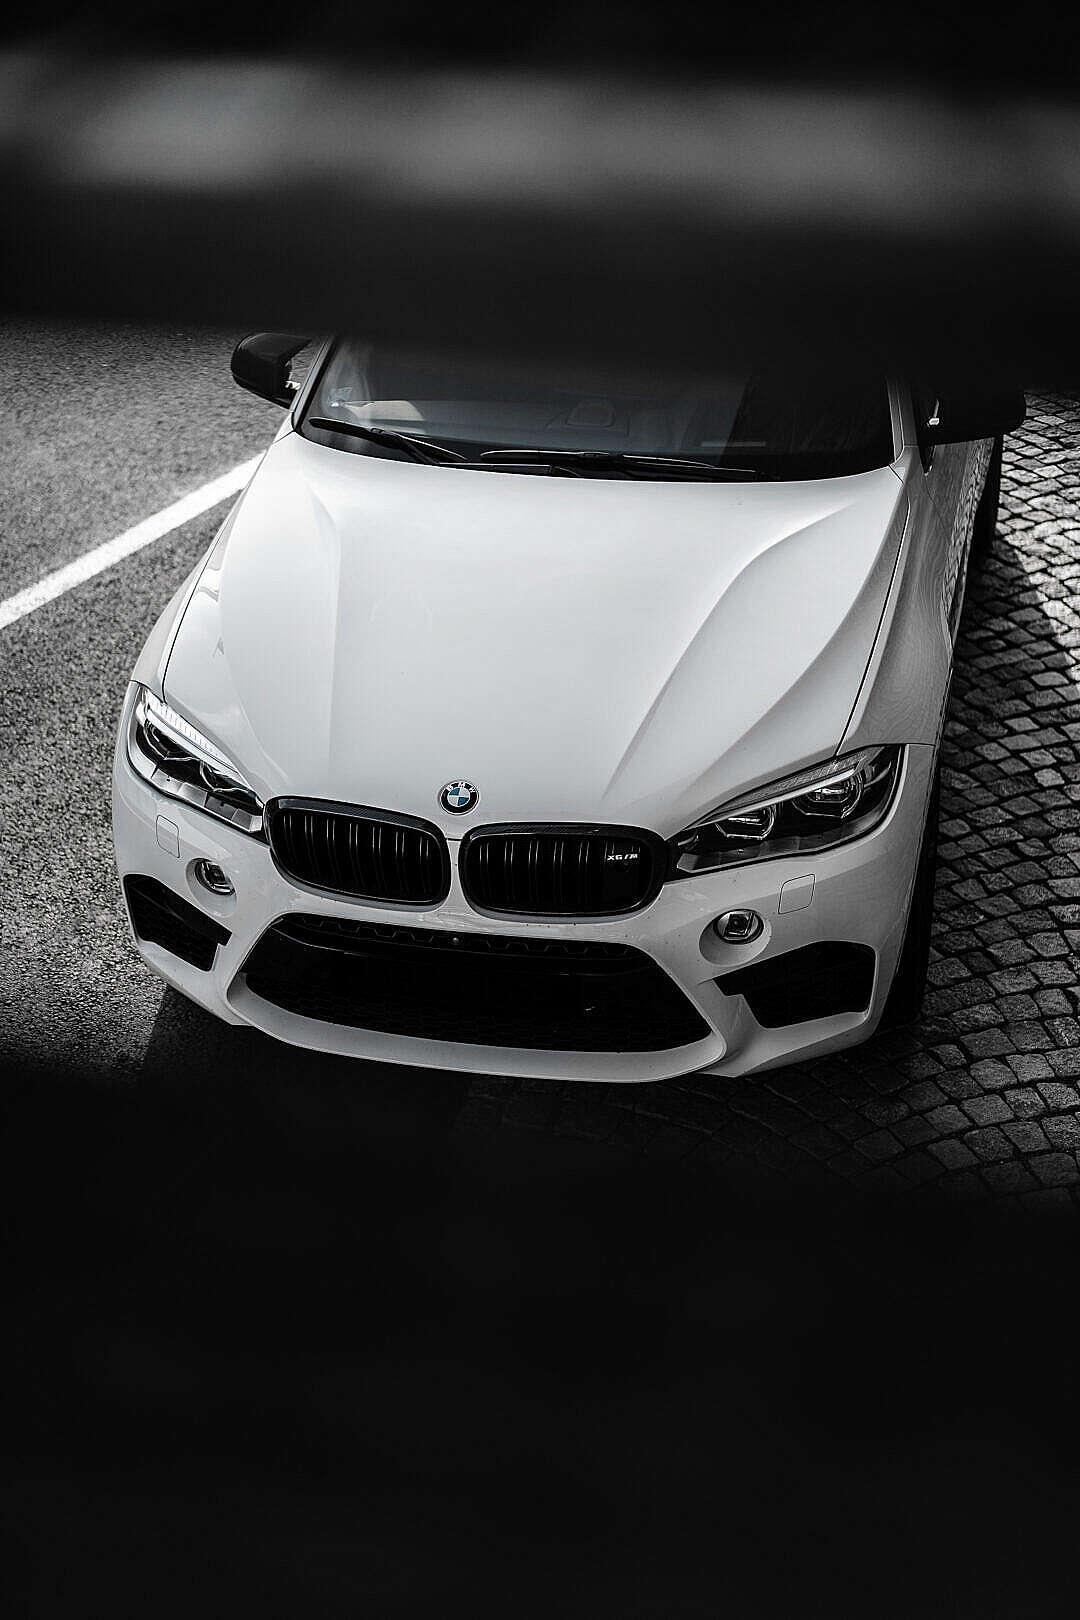 Download White BMW X6M Wallpaper FREE Stock Photo